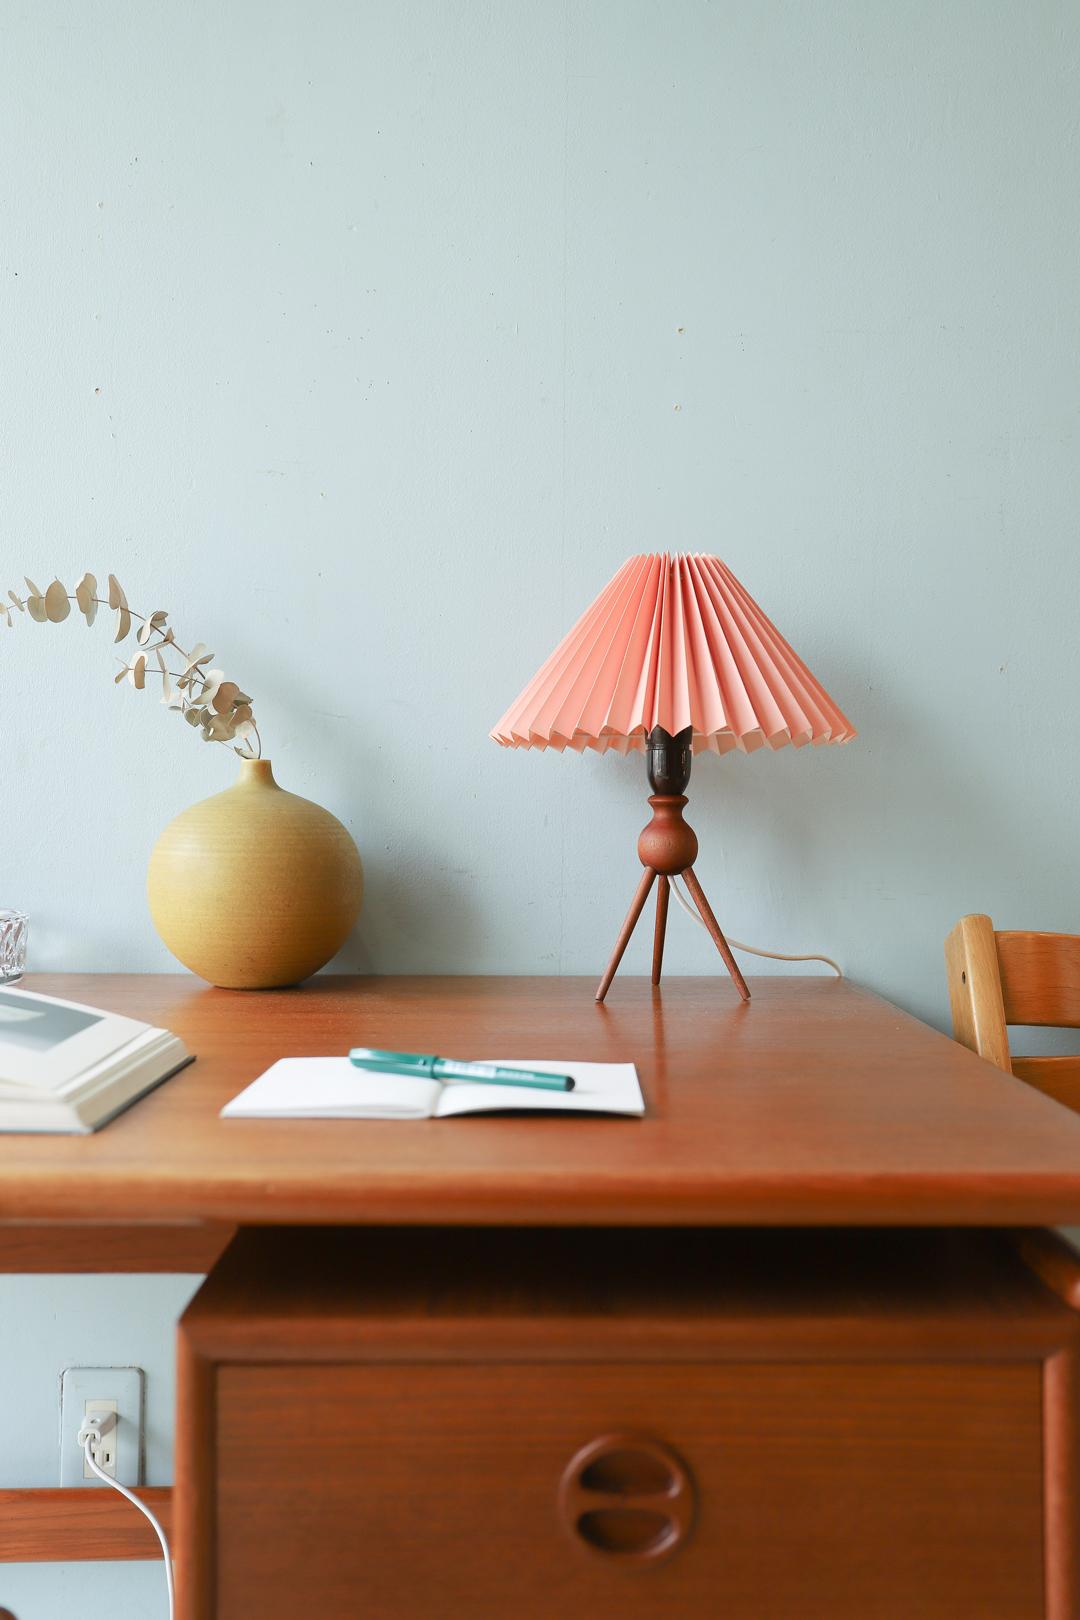 Danish Vintage Teakwood Tripod Table Lamp/デンマークヴィンテージ テーブルランプ チーク材 3本脚 照明 インテリア 北欧モダン